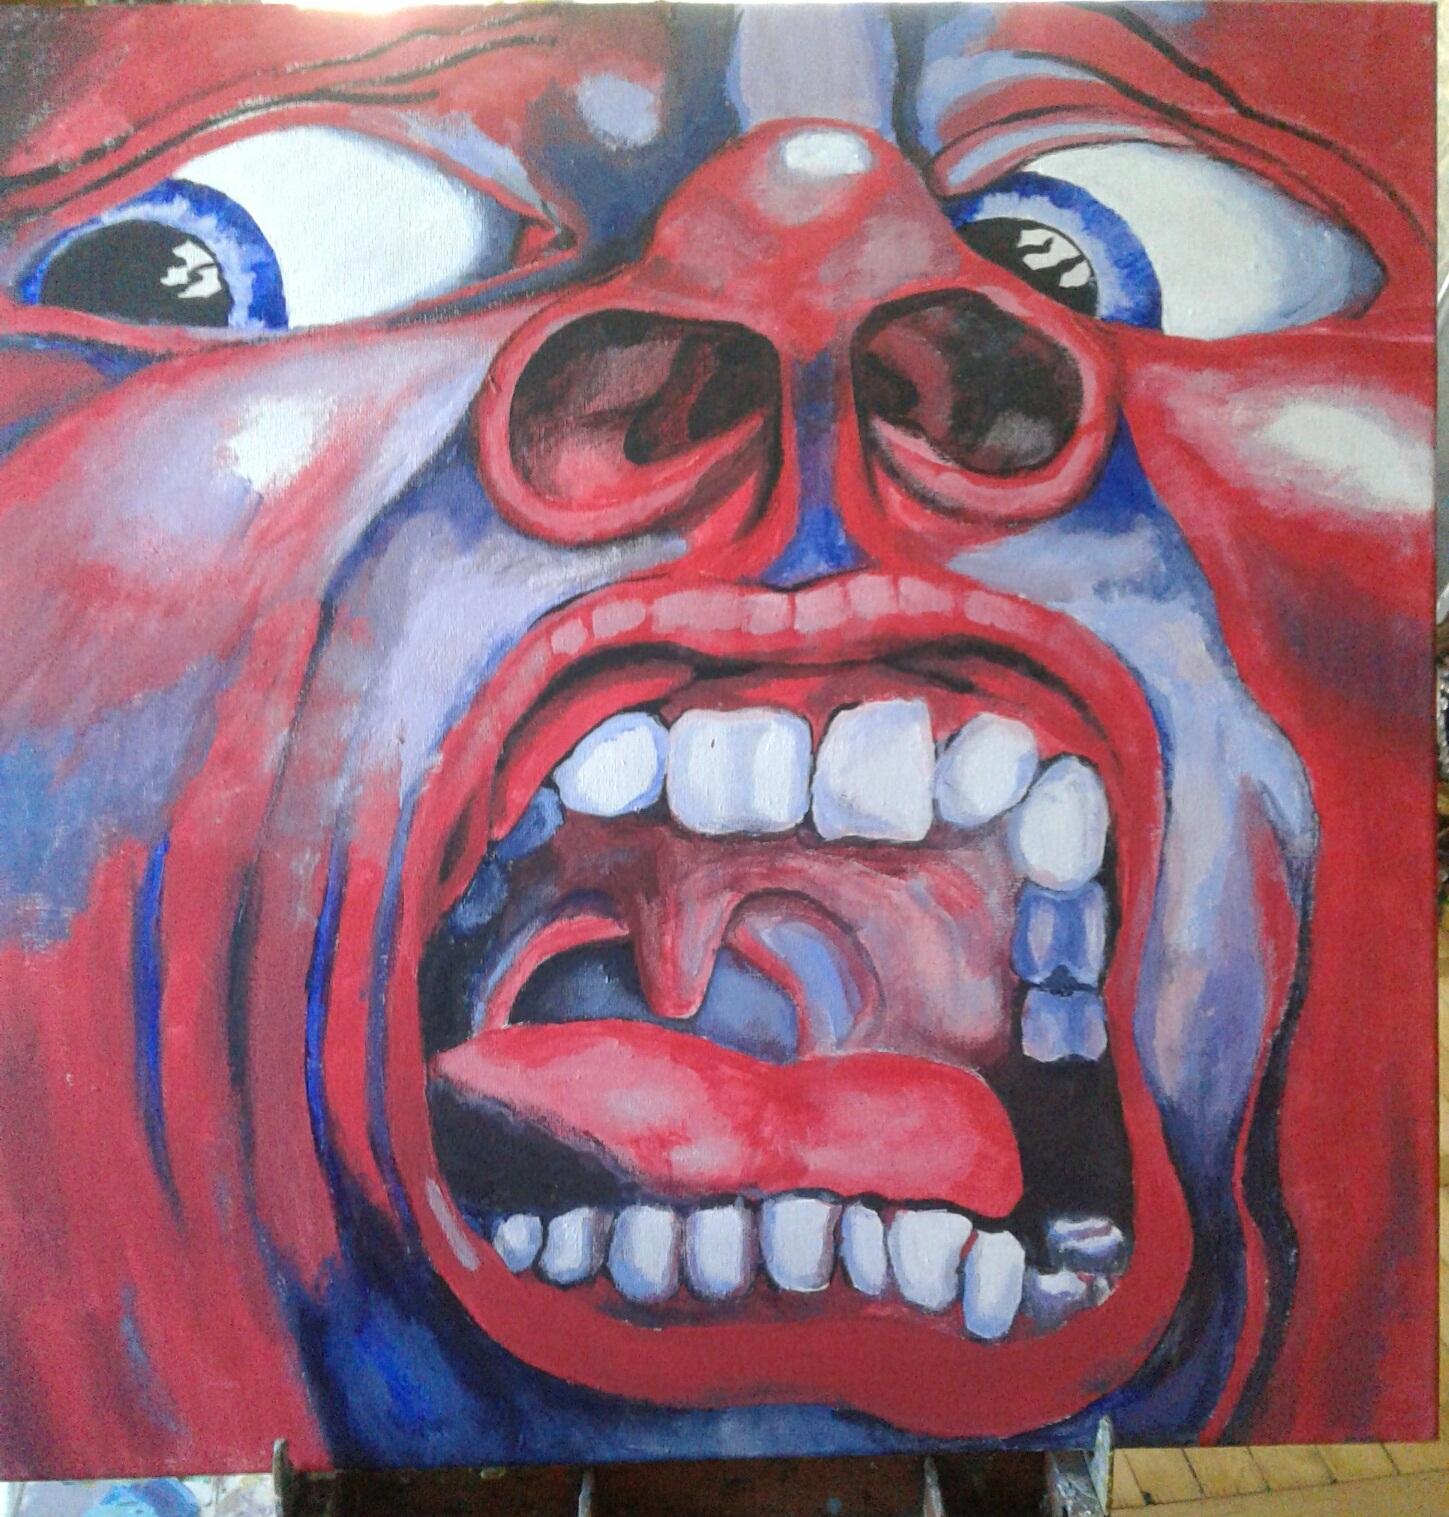 Фото Заказ полученный на этом сайте на копию обложки альбома рок группы. Размер 50х50 см, материалы холст, акрил.